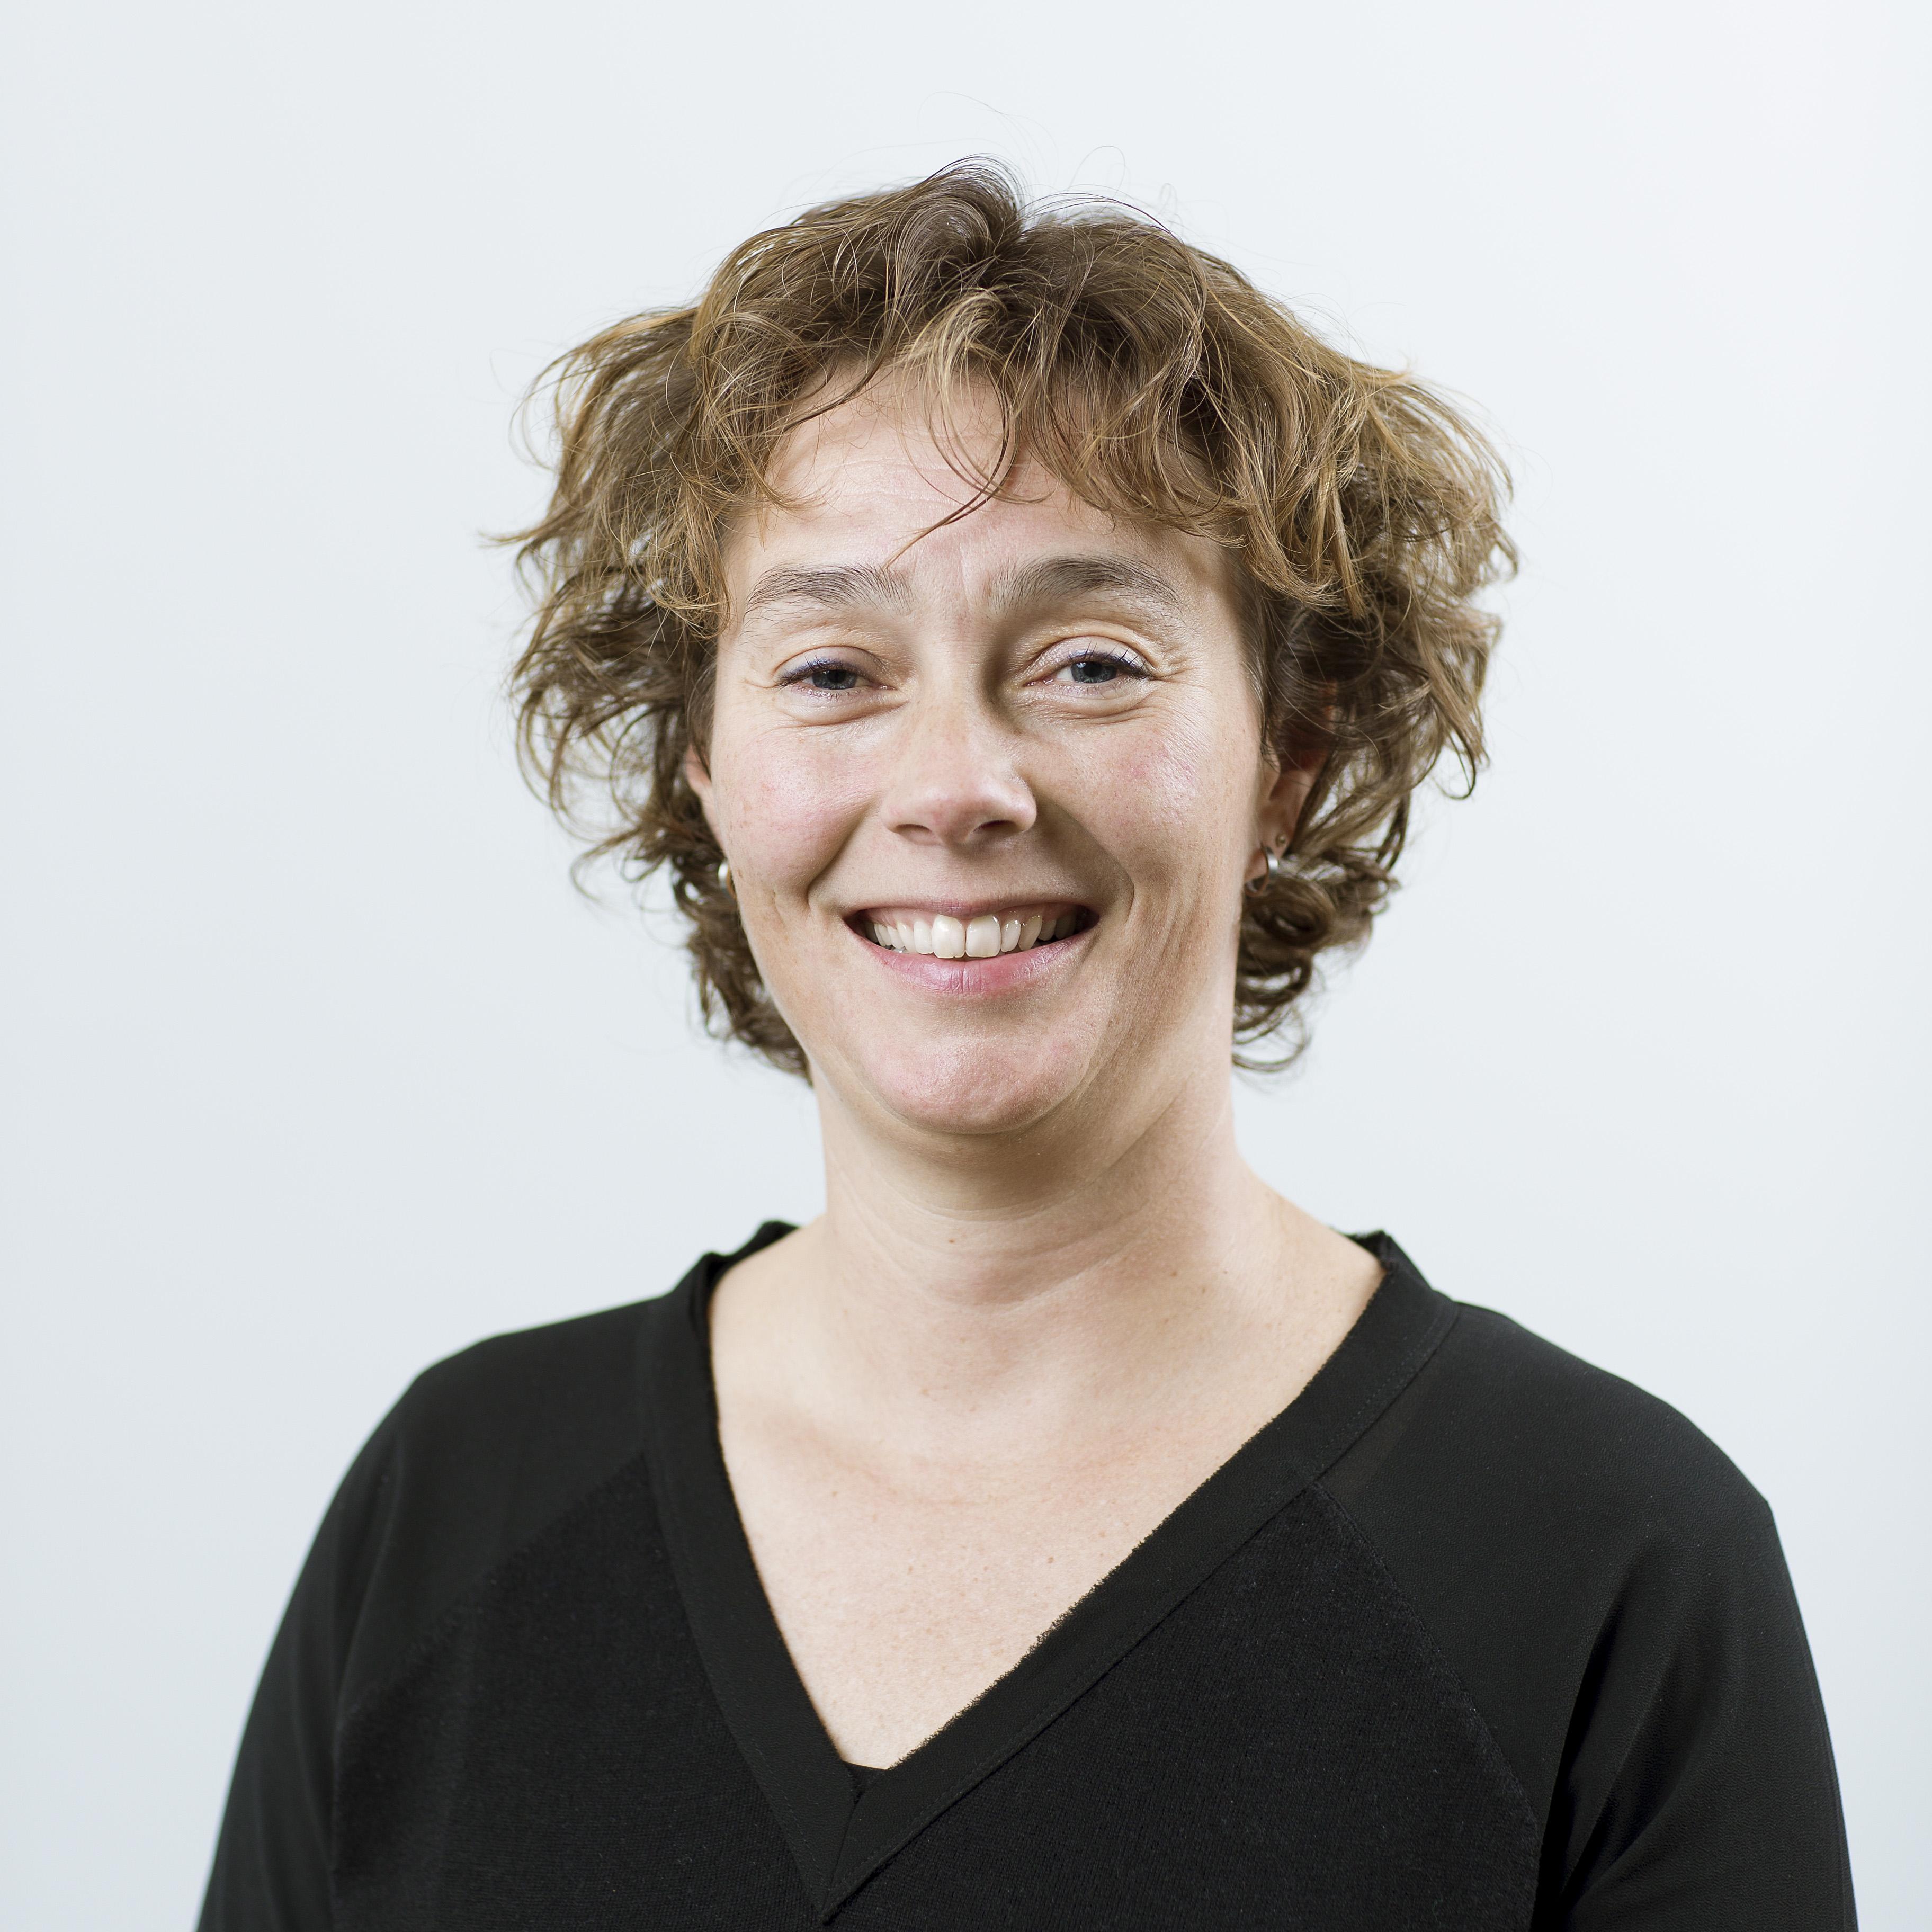 Susan Breeuwsma